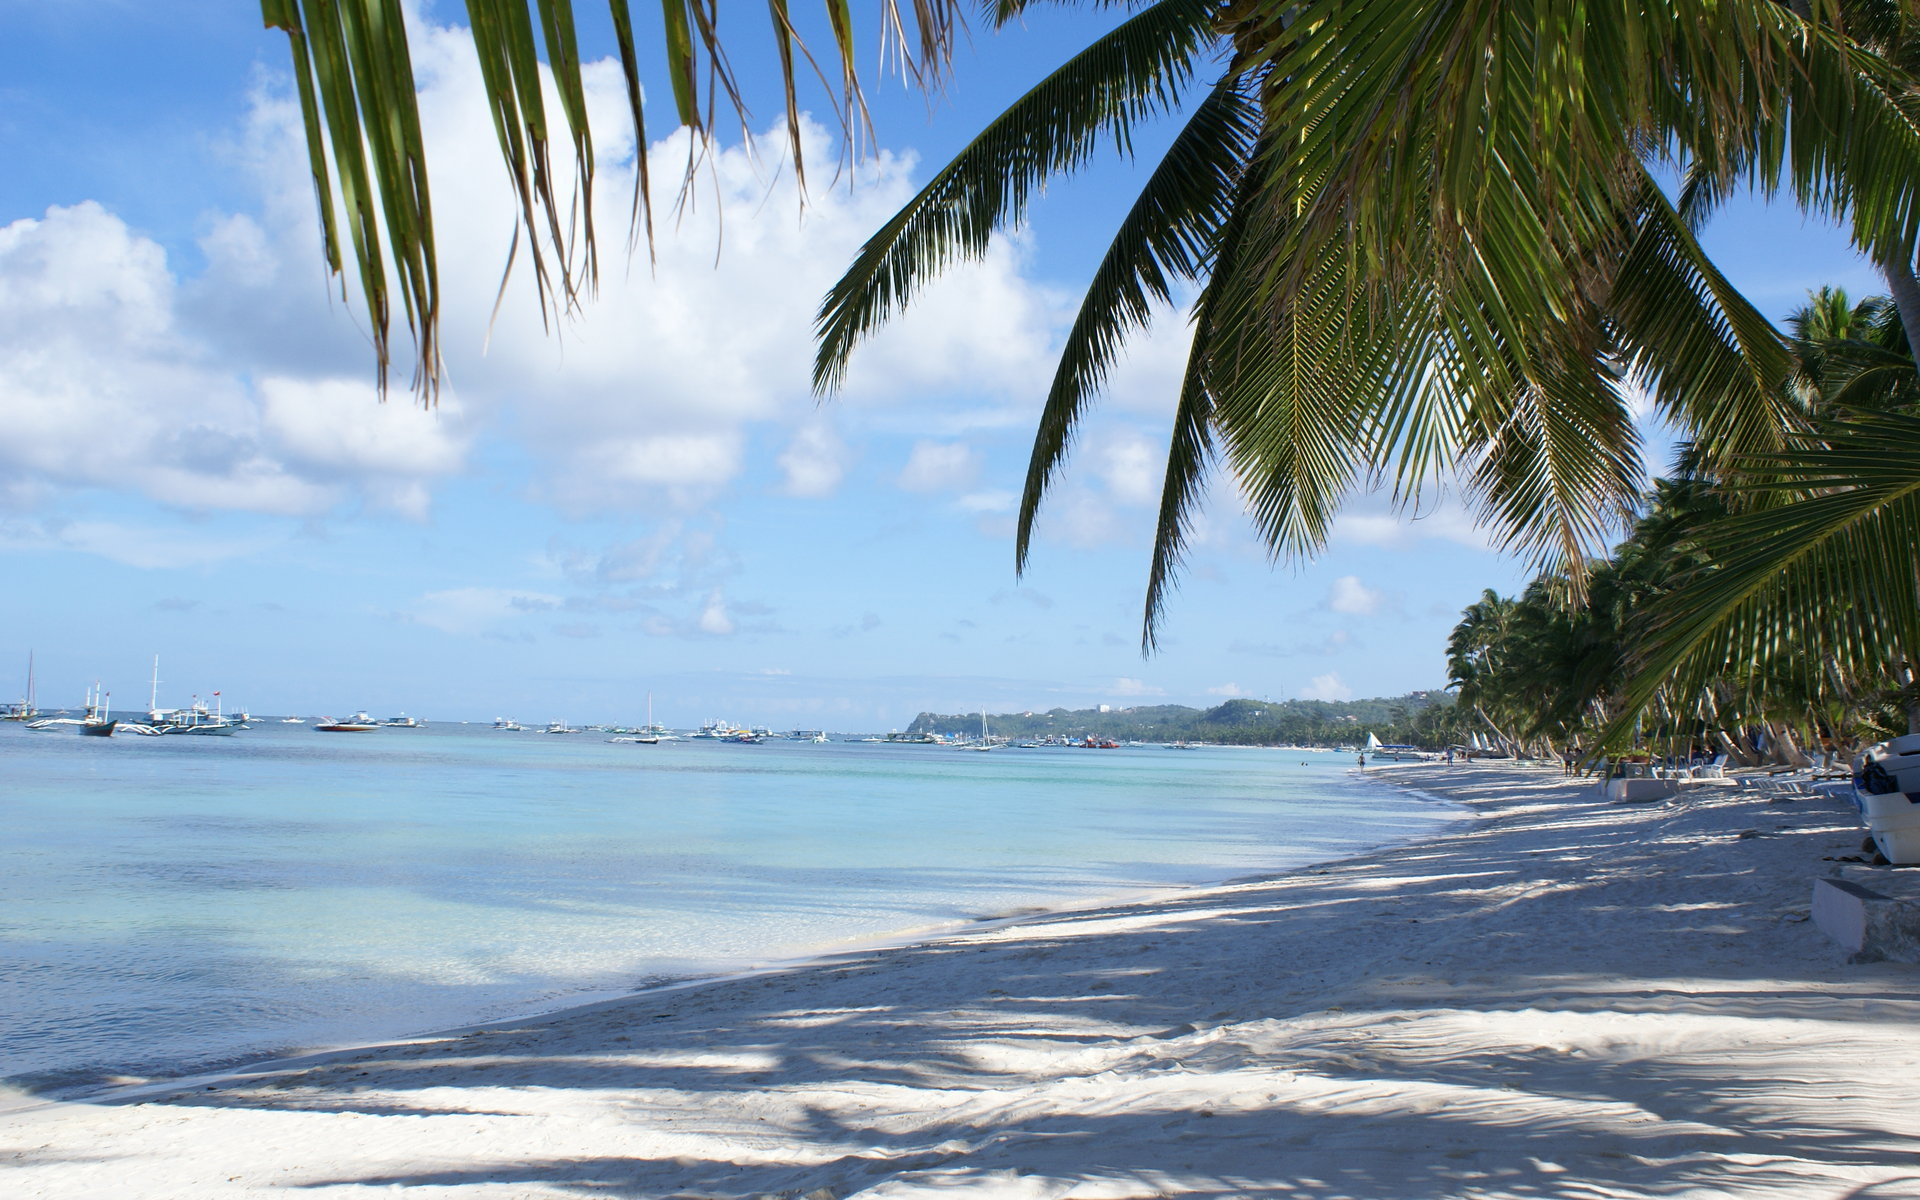 Tropical Island Beach Ambience Sound: Красивые пляжи мира (160 обоев) » Смотри Красивые Обои